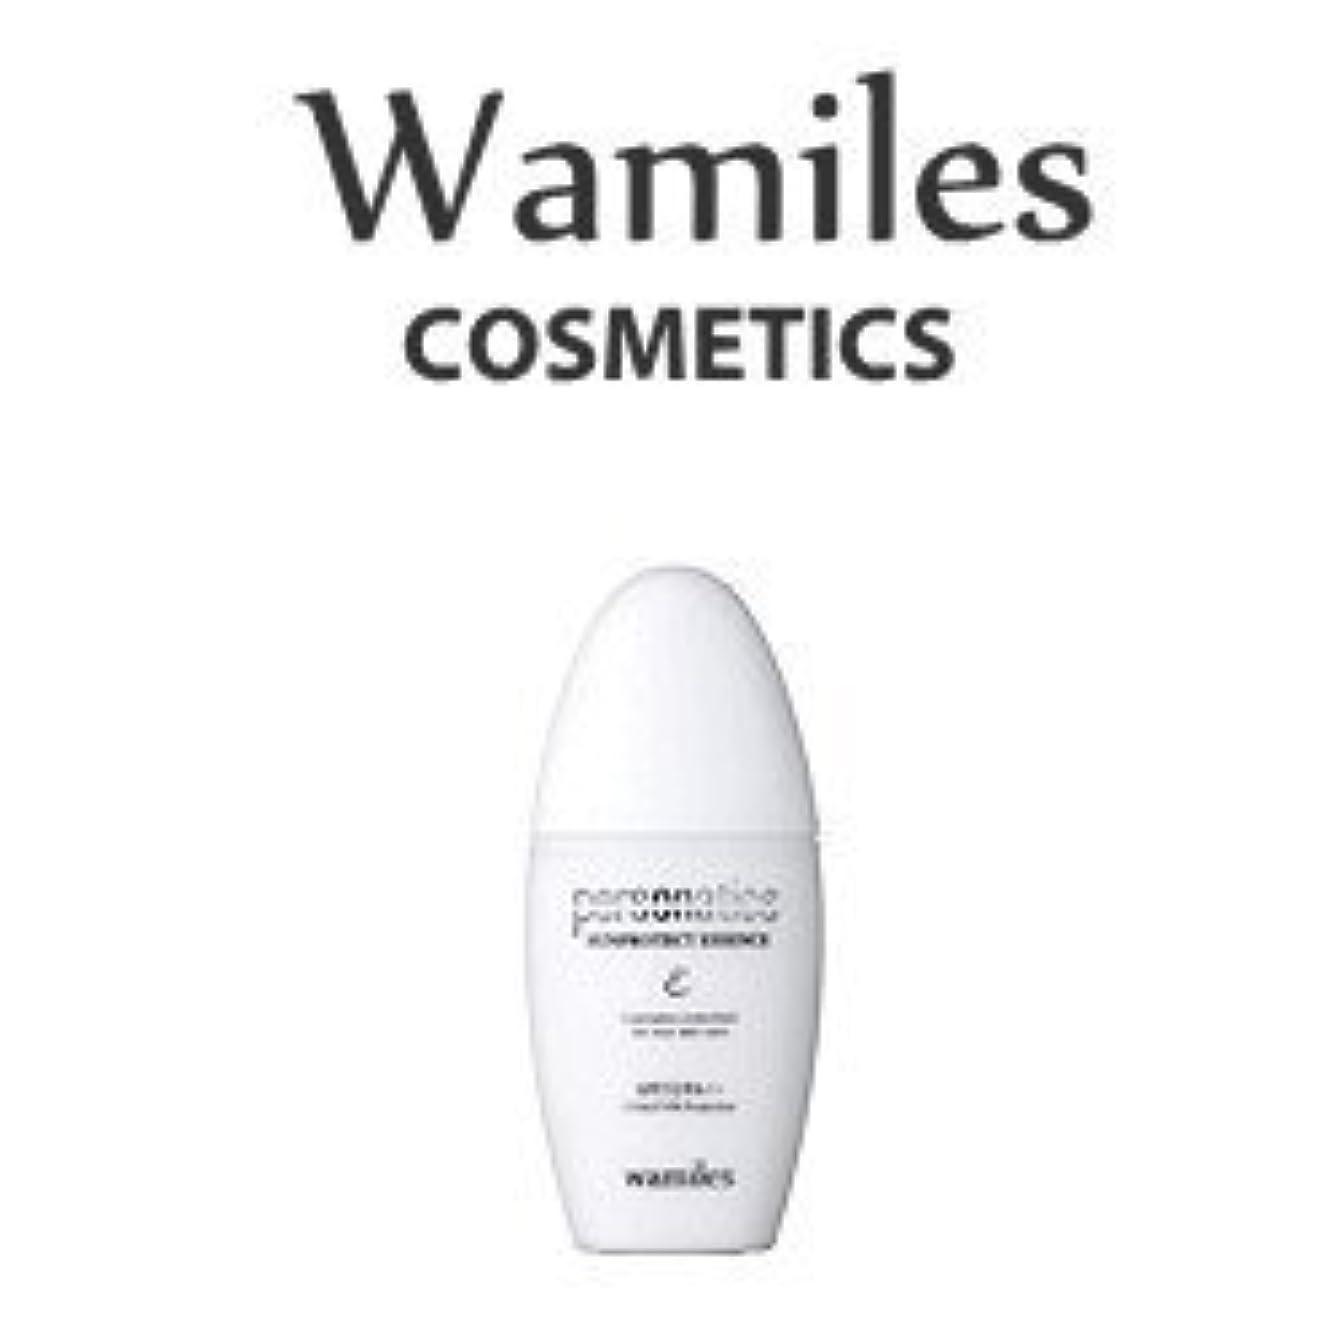 神秘的なホテルストッキングwamiles/ワミレス サンプロテクトエッセンス 30ml 美容 化粧水